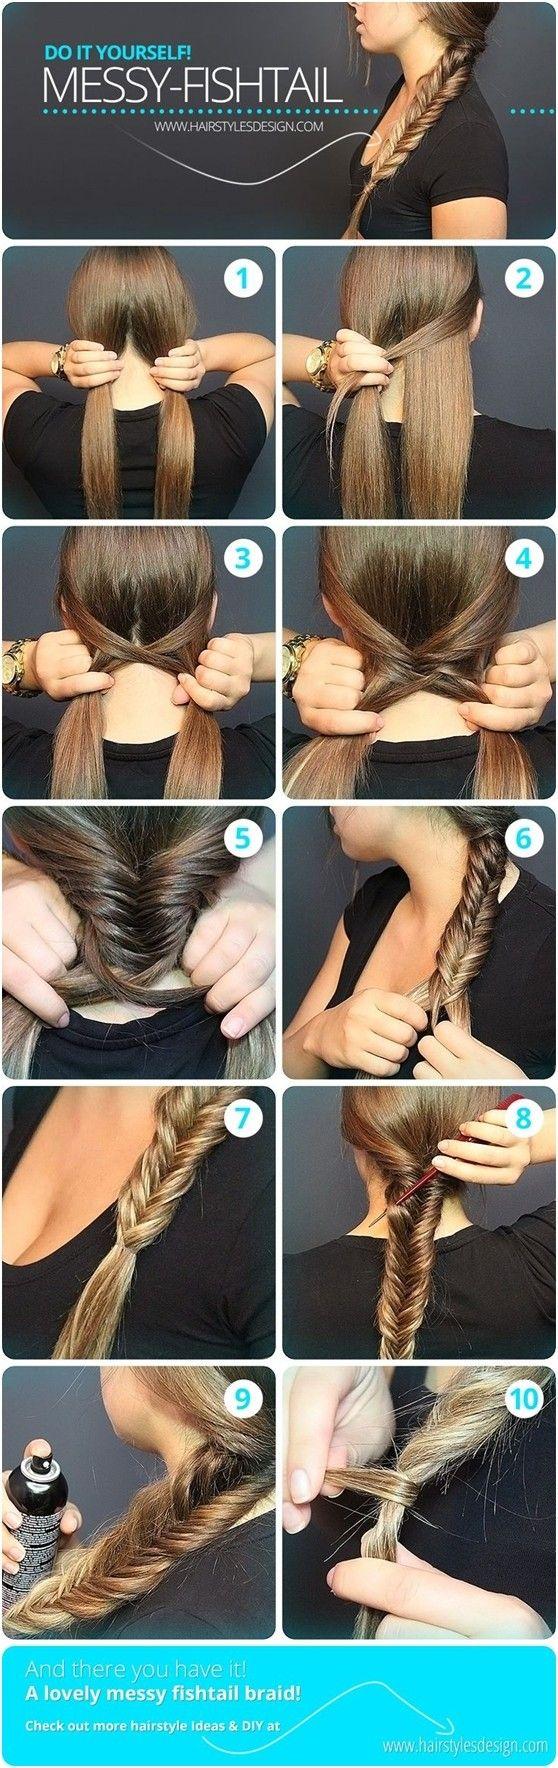 10 Fishtail Braid Ideas for Long Hair